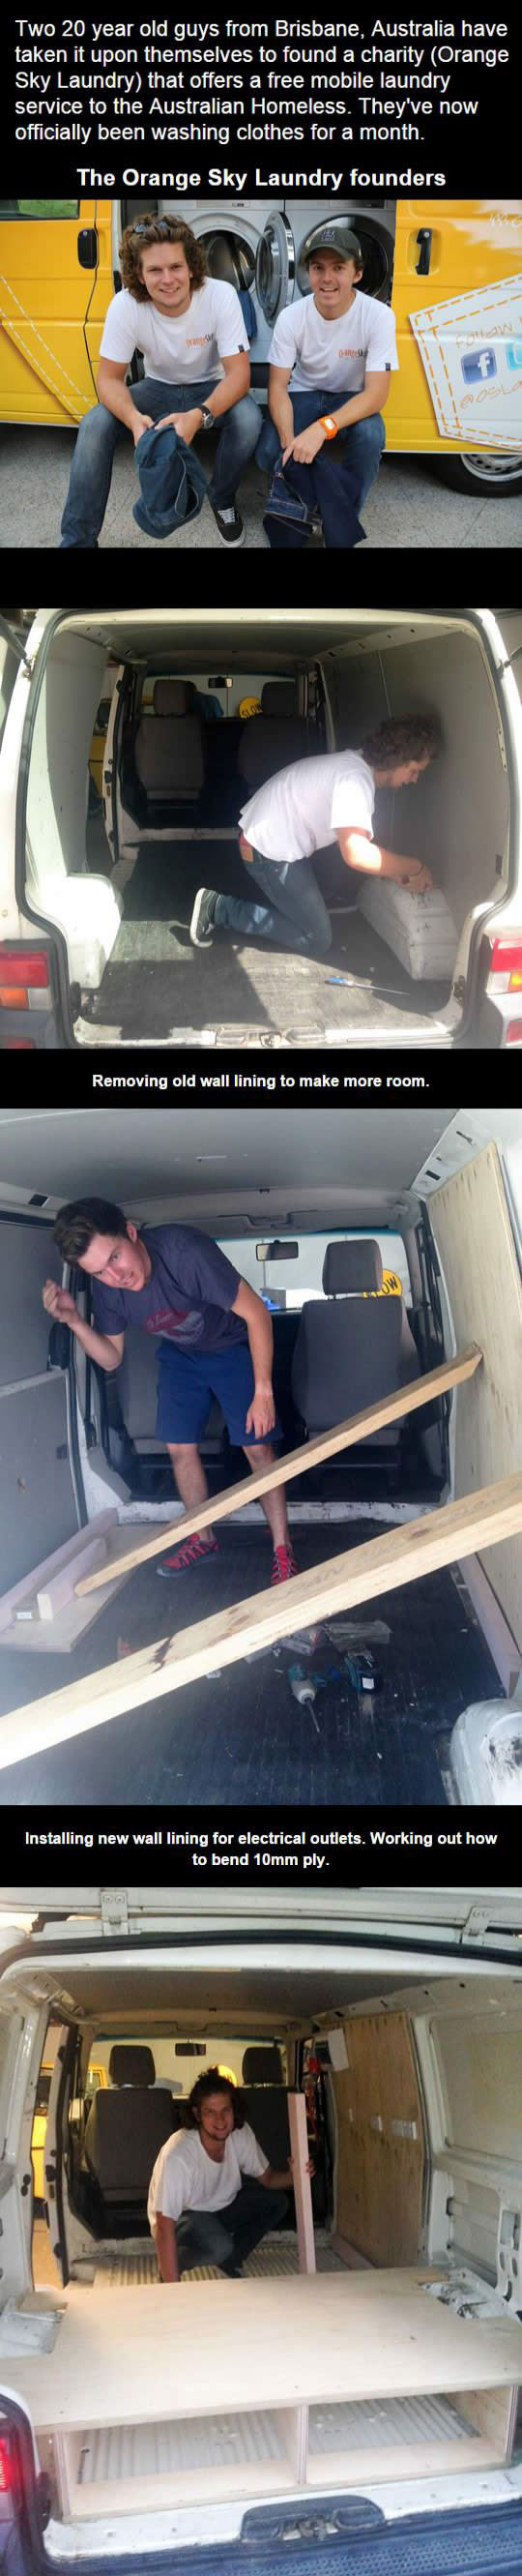 cool-homeless-washing-machine-van